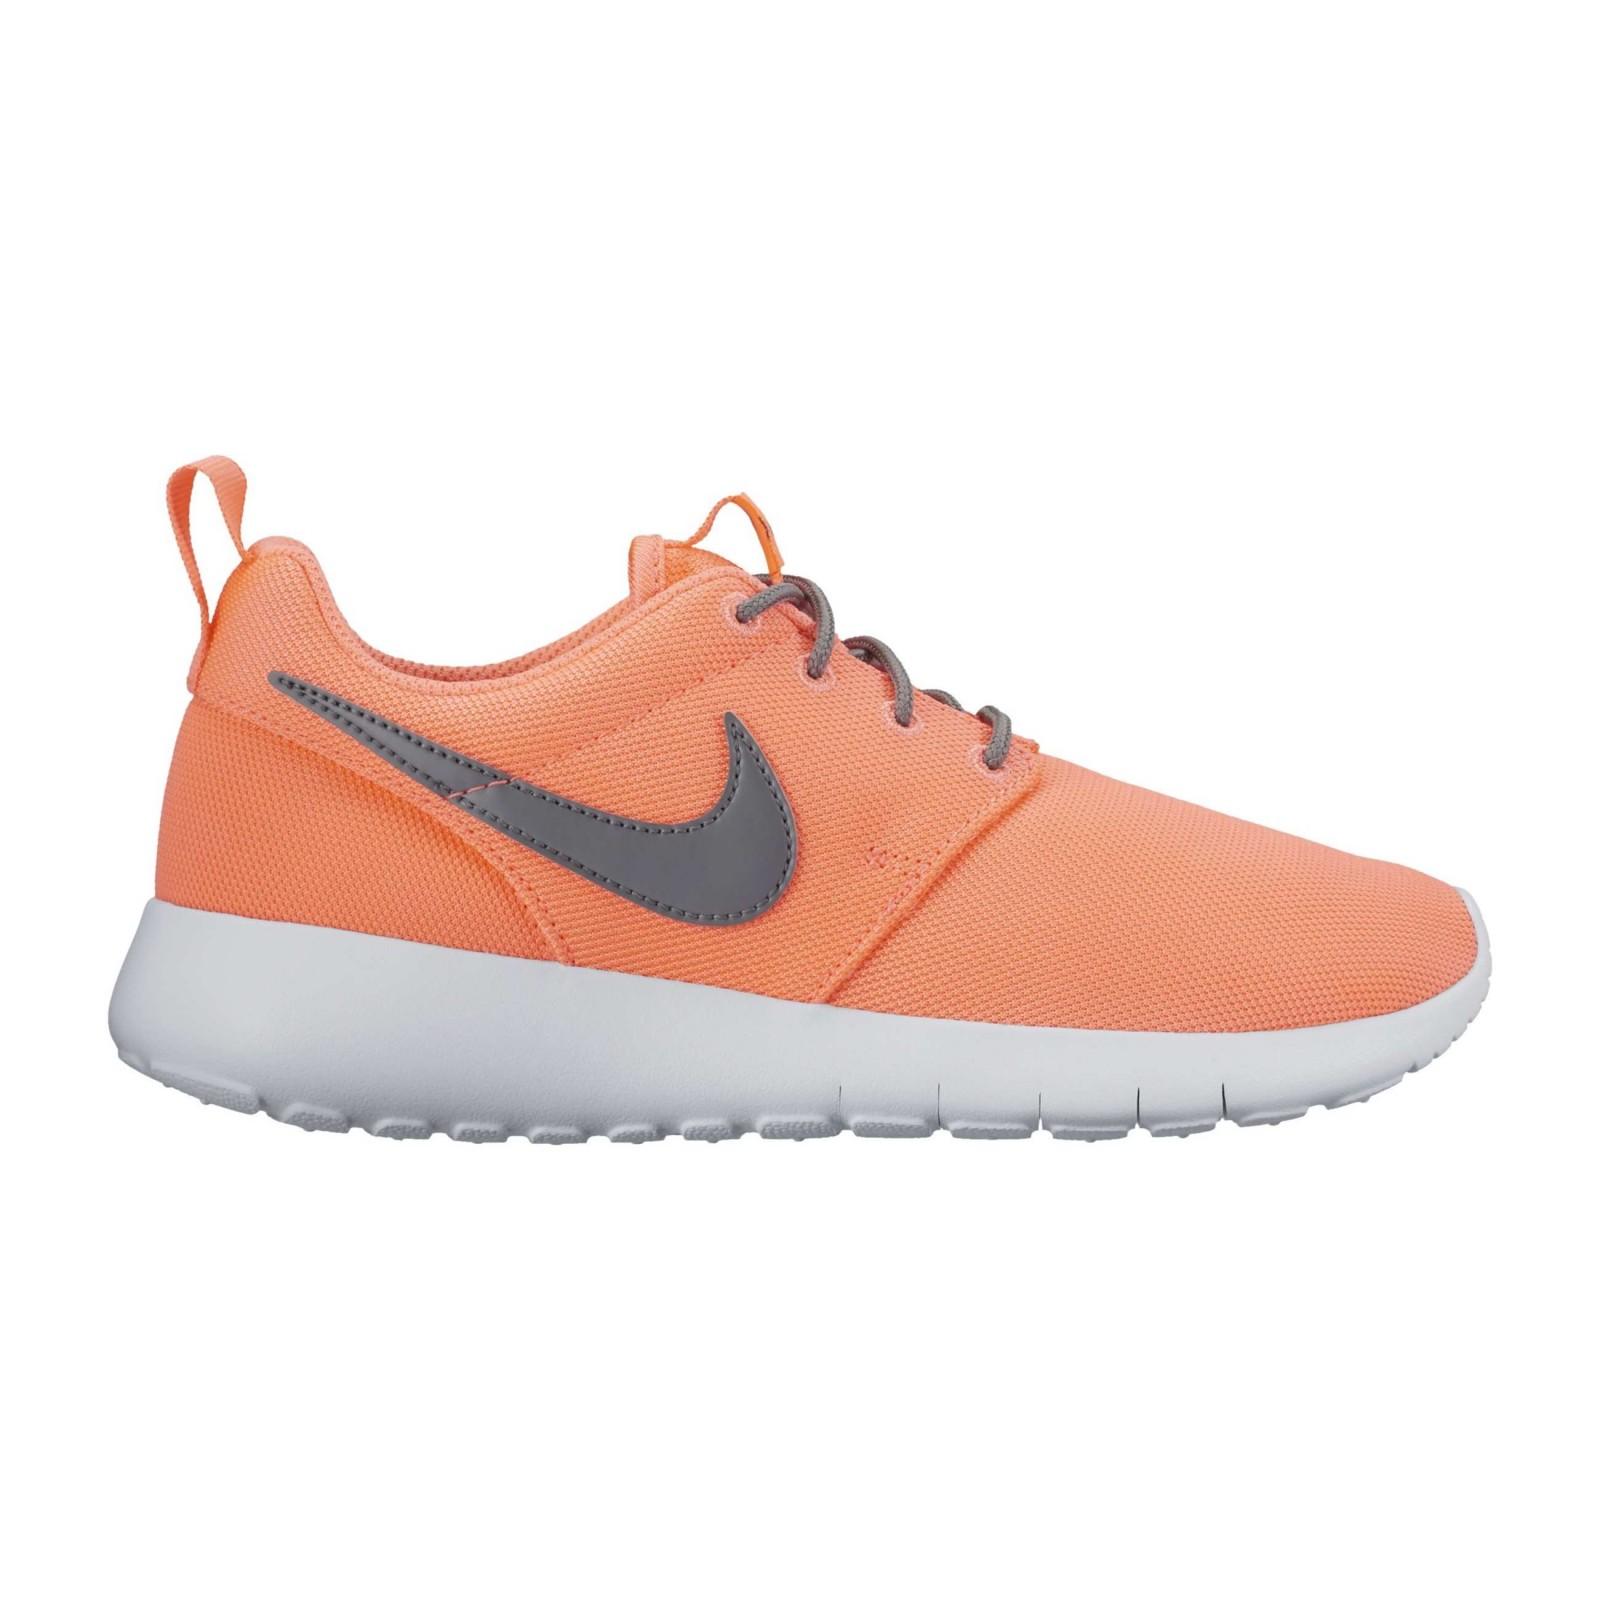 Dětské tenisky Nike ROSHE ONE (GS) LAVA GLOW COOL GREY-WHITE - Glami.cz 700244d6ec